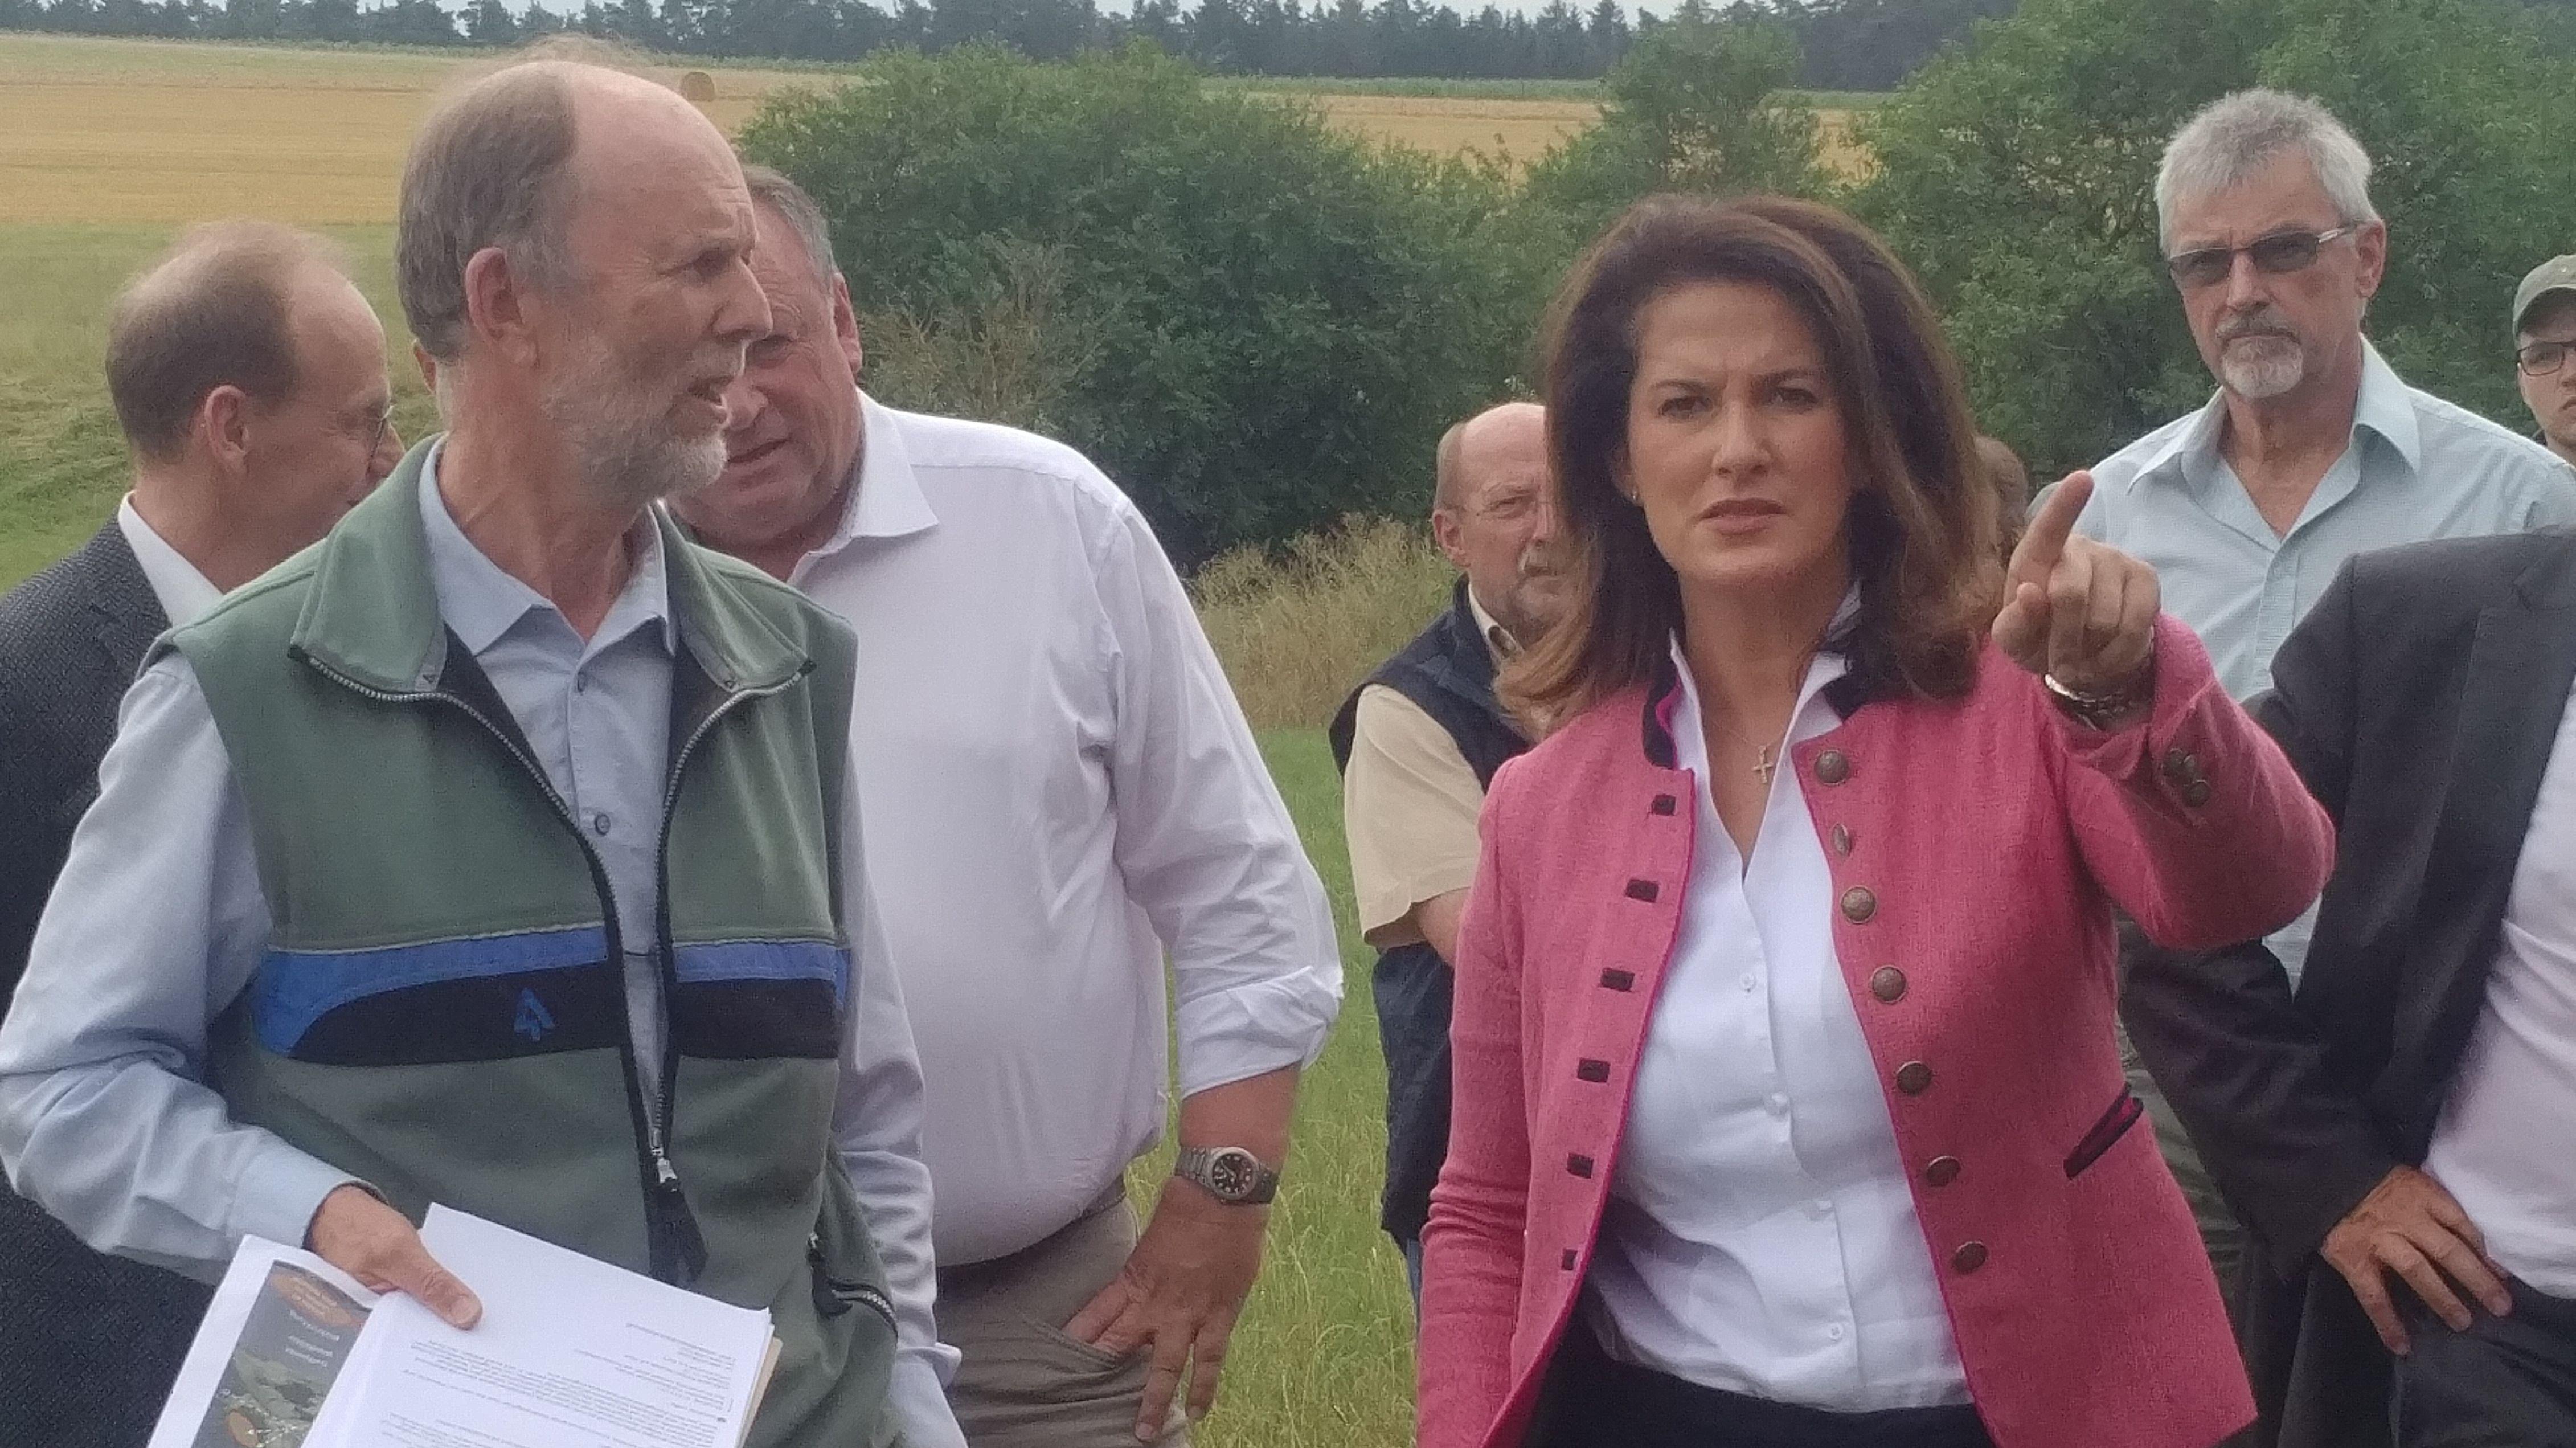 Bayerns Landwirtschaftsministerin Michaela Kaniber informiert sich in Bad Windsheim über Waldschäden durch Hitze.